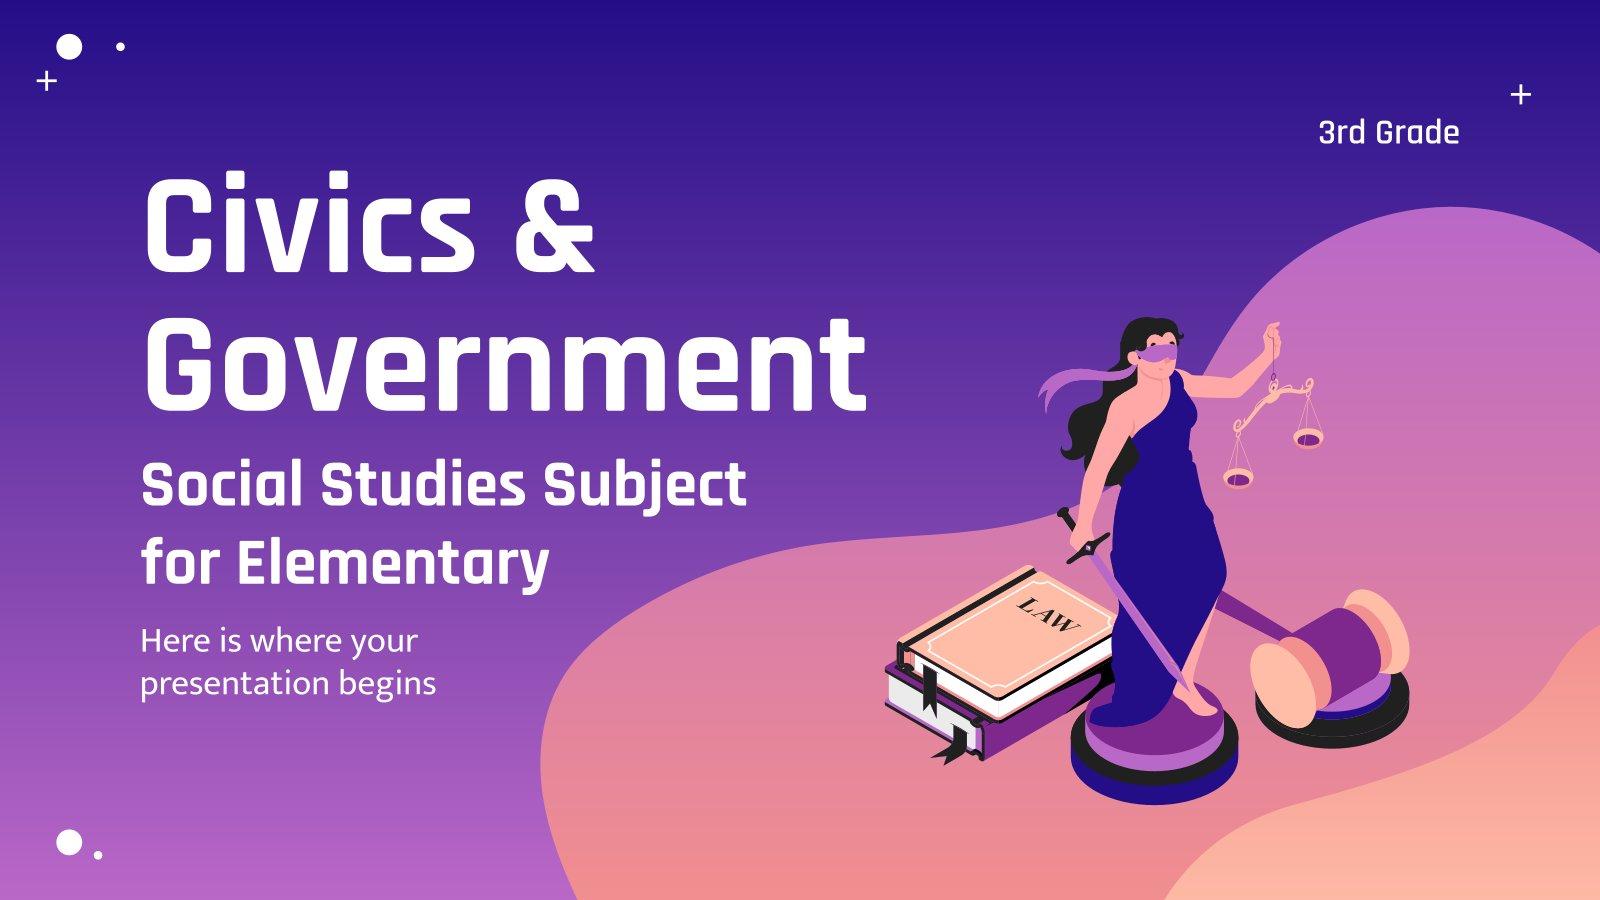 Staatsbürgerkunde & Regierung für die 3. Klasse Präsentationsvorlage